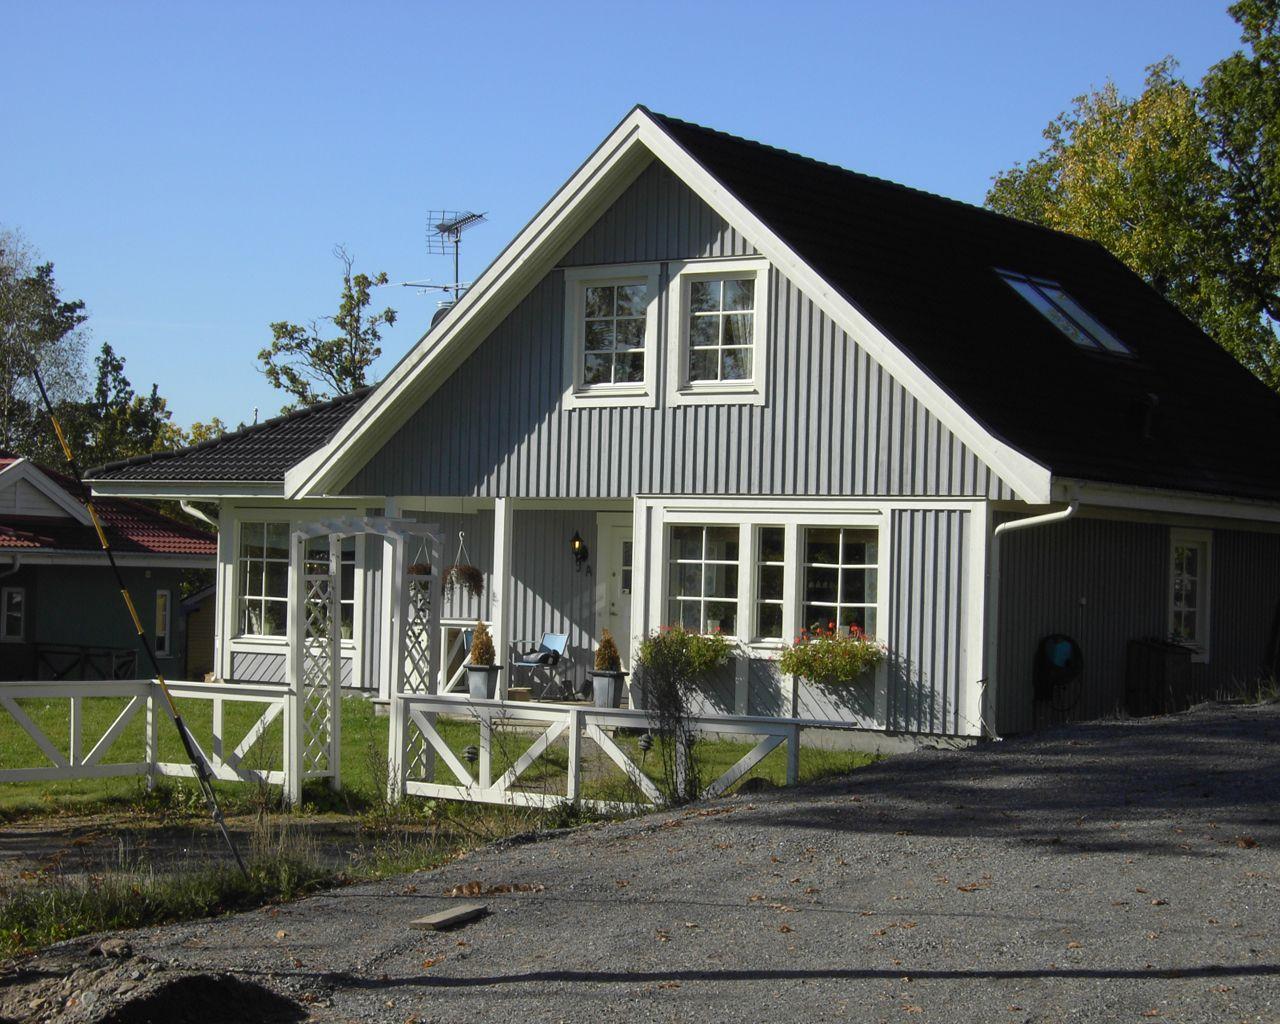 Schwedenhaus farben bedeutung  Unsere Bauunternehmer bauen Ihr Schwedenhaus, bezahlbar in ganz ...